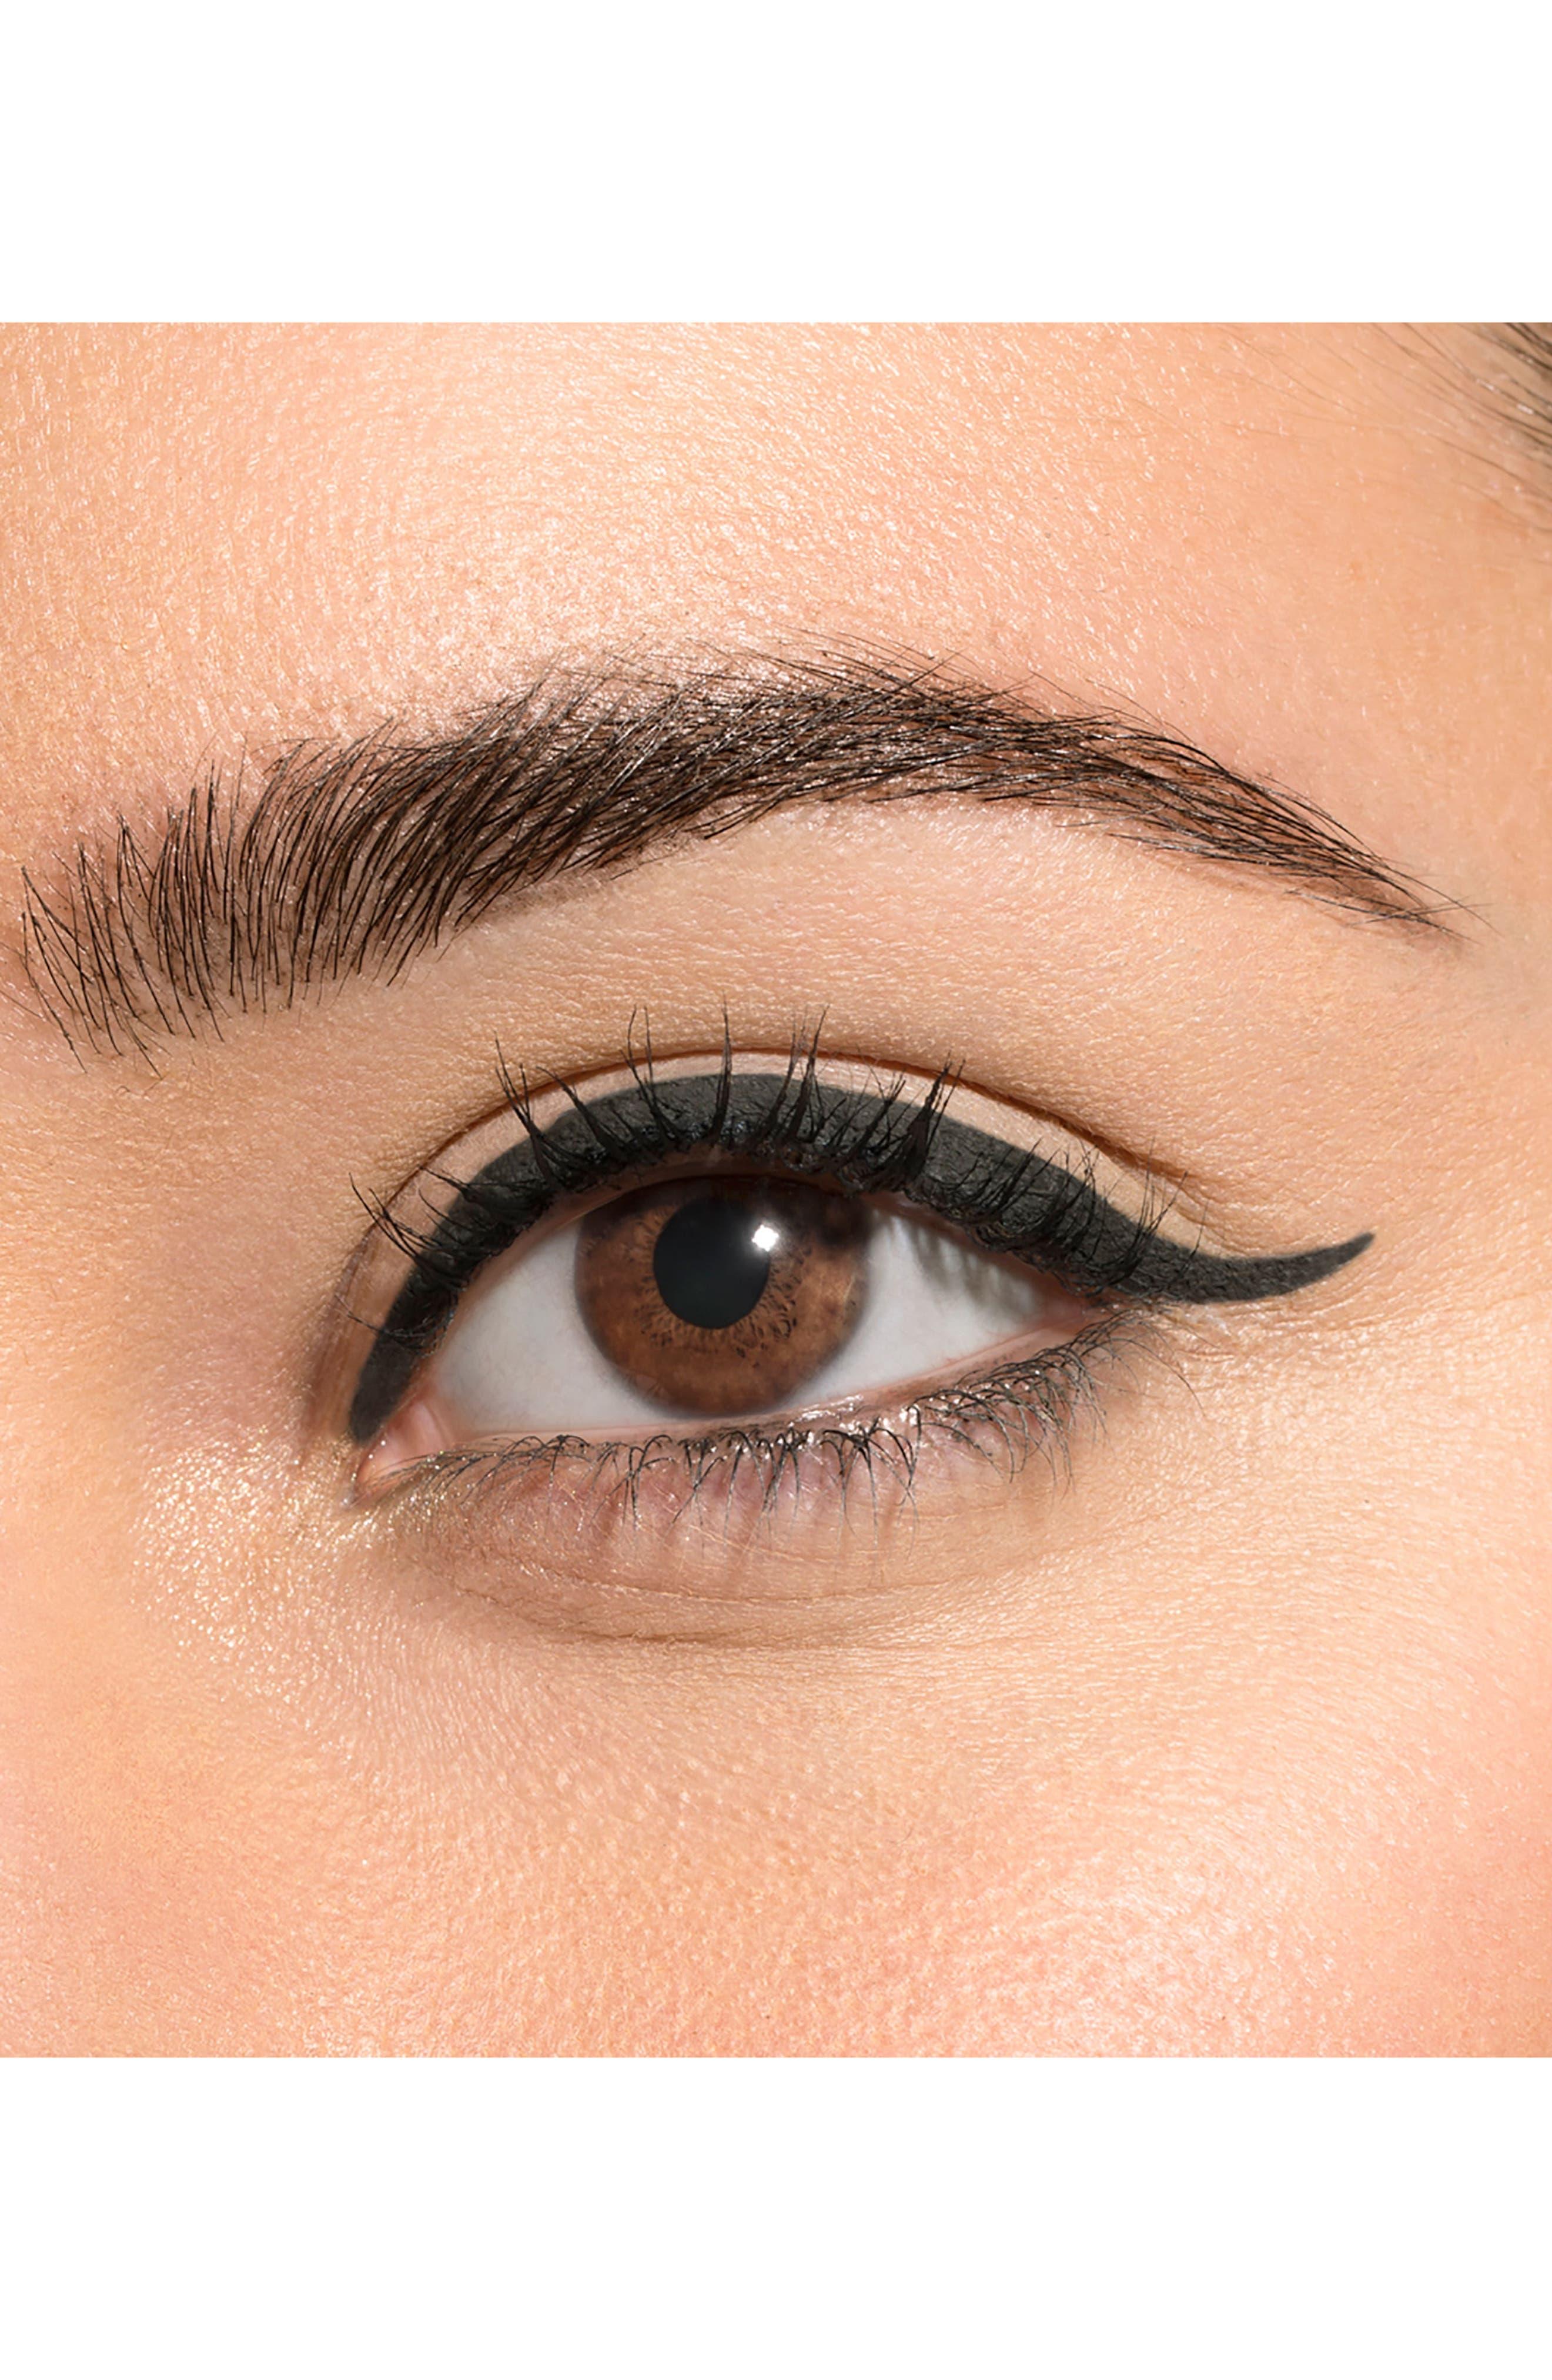 Julep<sup>™</sup> When Pencil Met Gel Long-Lasting Eyeliner,                             Alternate thumbnail 2, color,                             BLACKEST BLACK